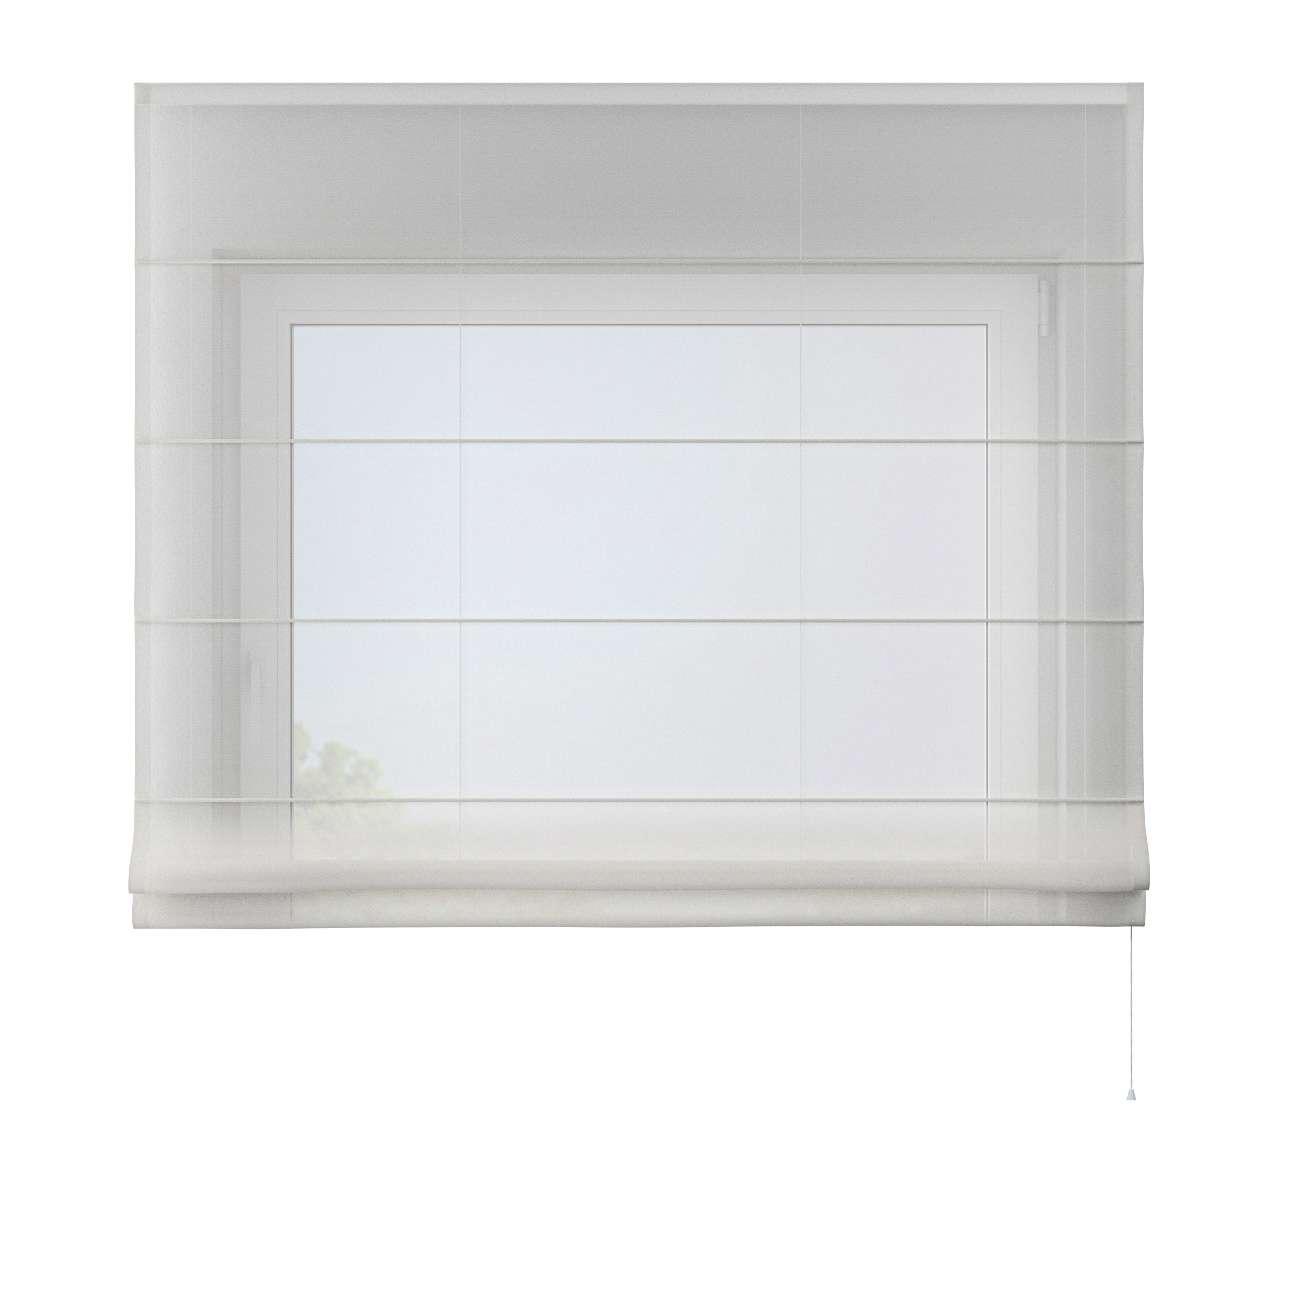 Záclonová roleta Siena 100 x 180 cm V kolekcii Záclona hladká, tkanina: 900-01